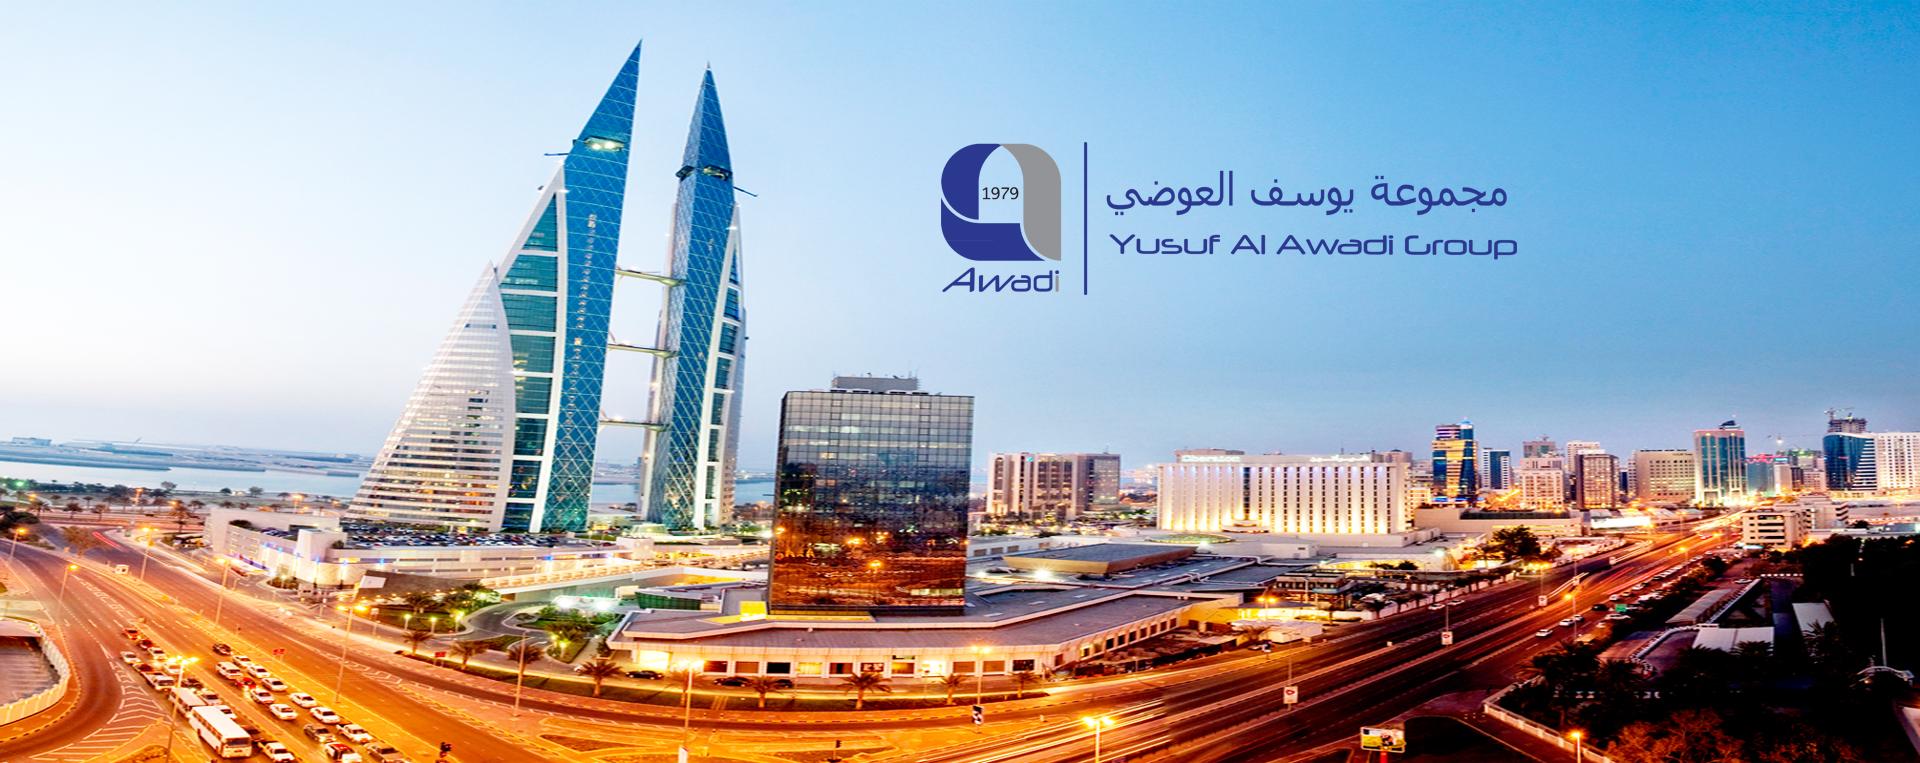 Awadi Group, Bahrain : Awadi Lifan Motors, Awadi Money